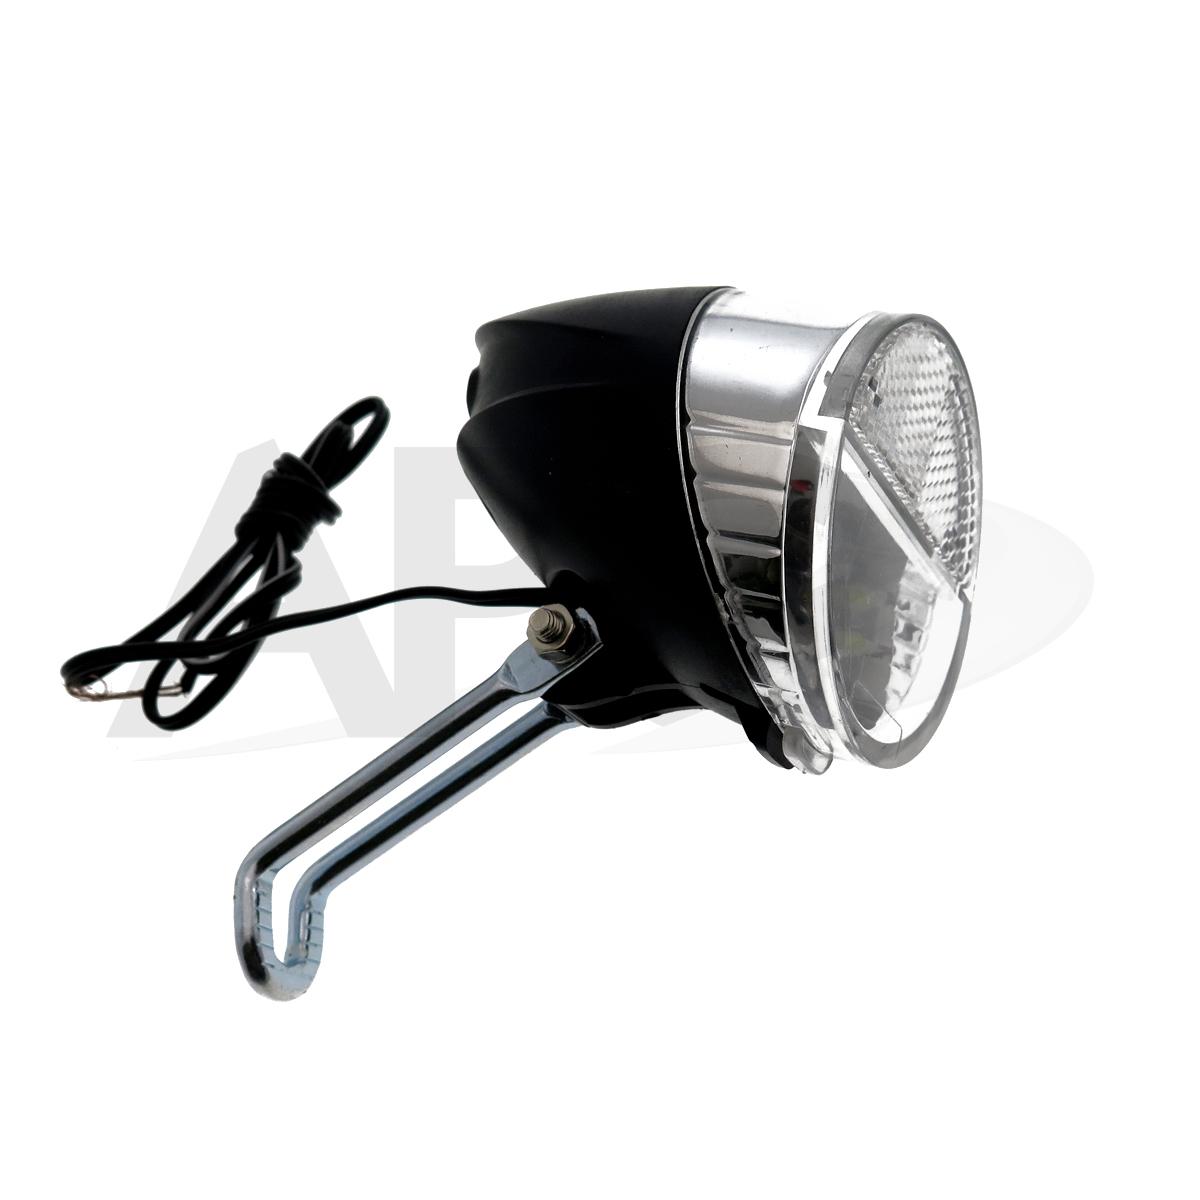 LAMPA PRZÓD JY-7006